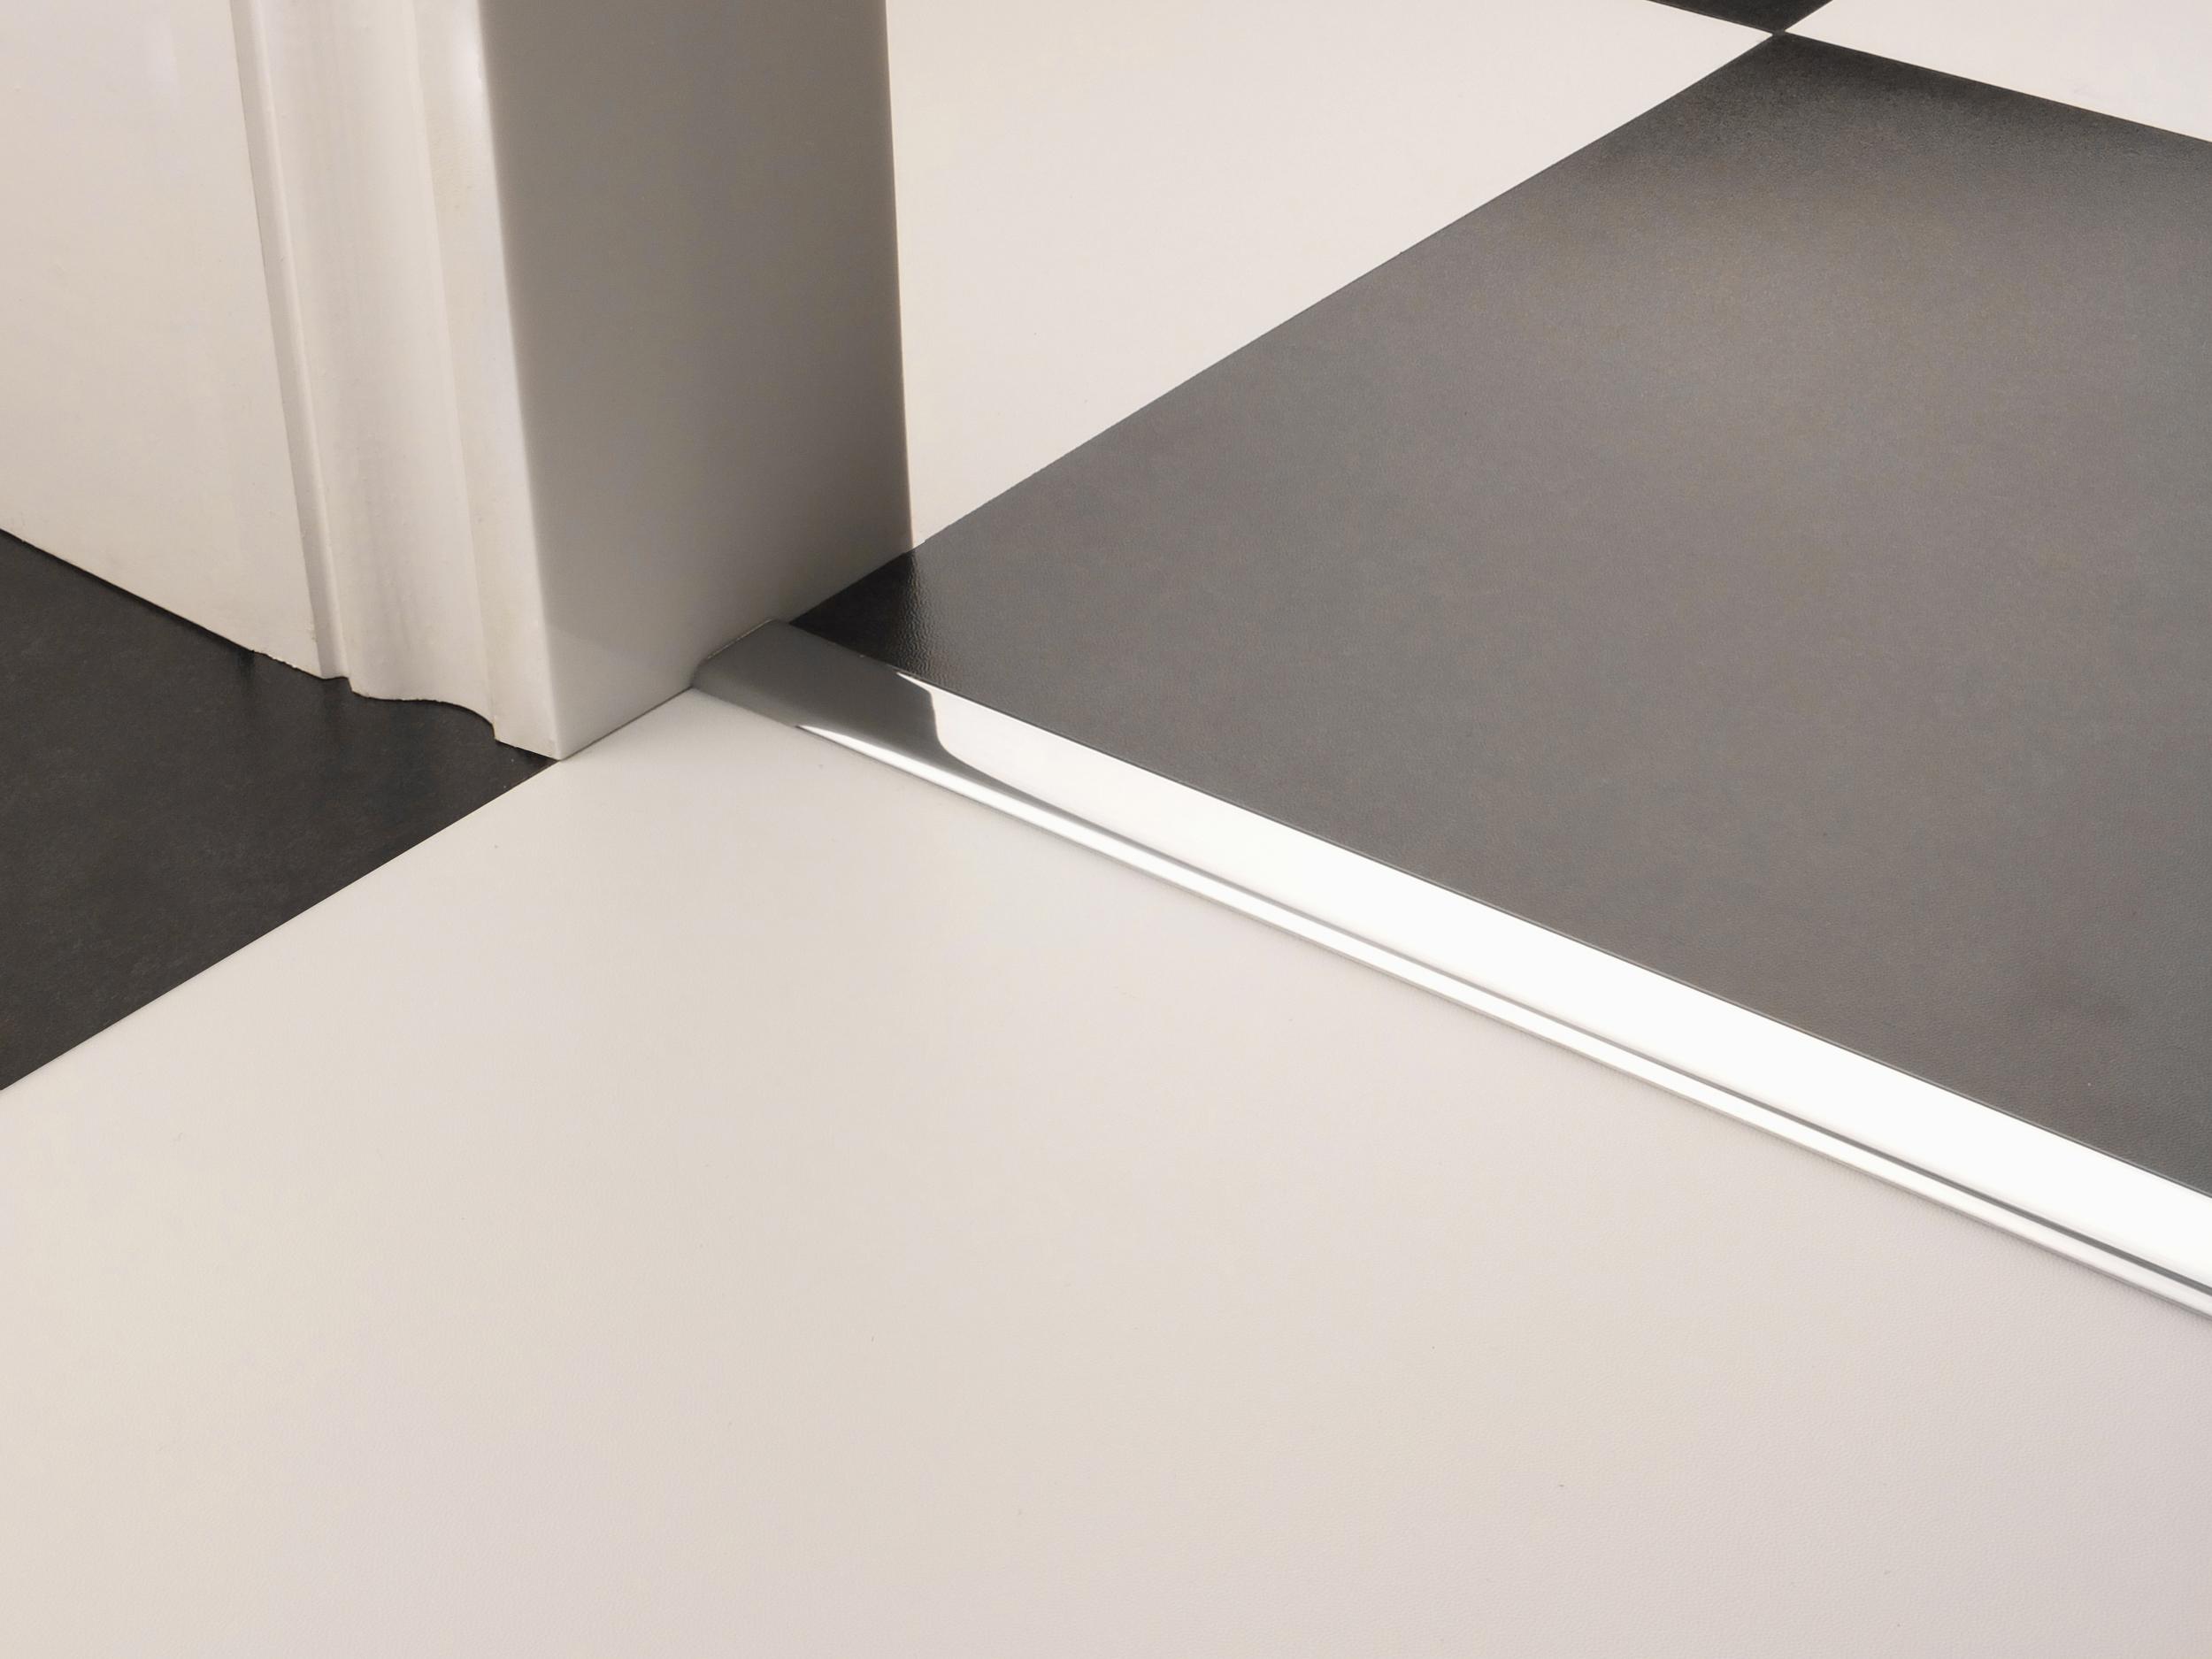 stairrods-doorbar-brushed-chrome-vinyl-edge.jpg